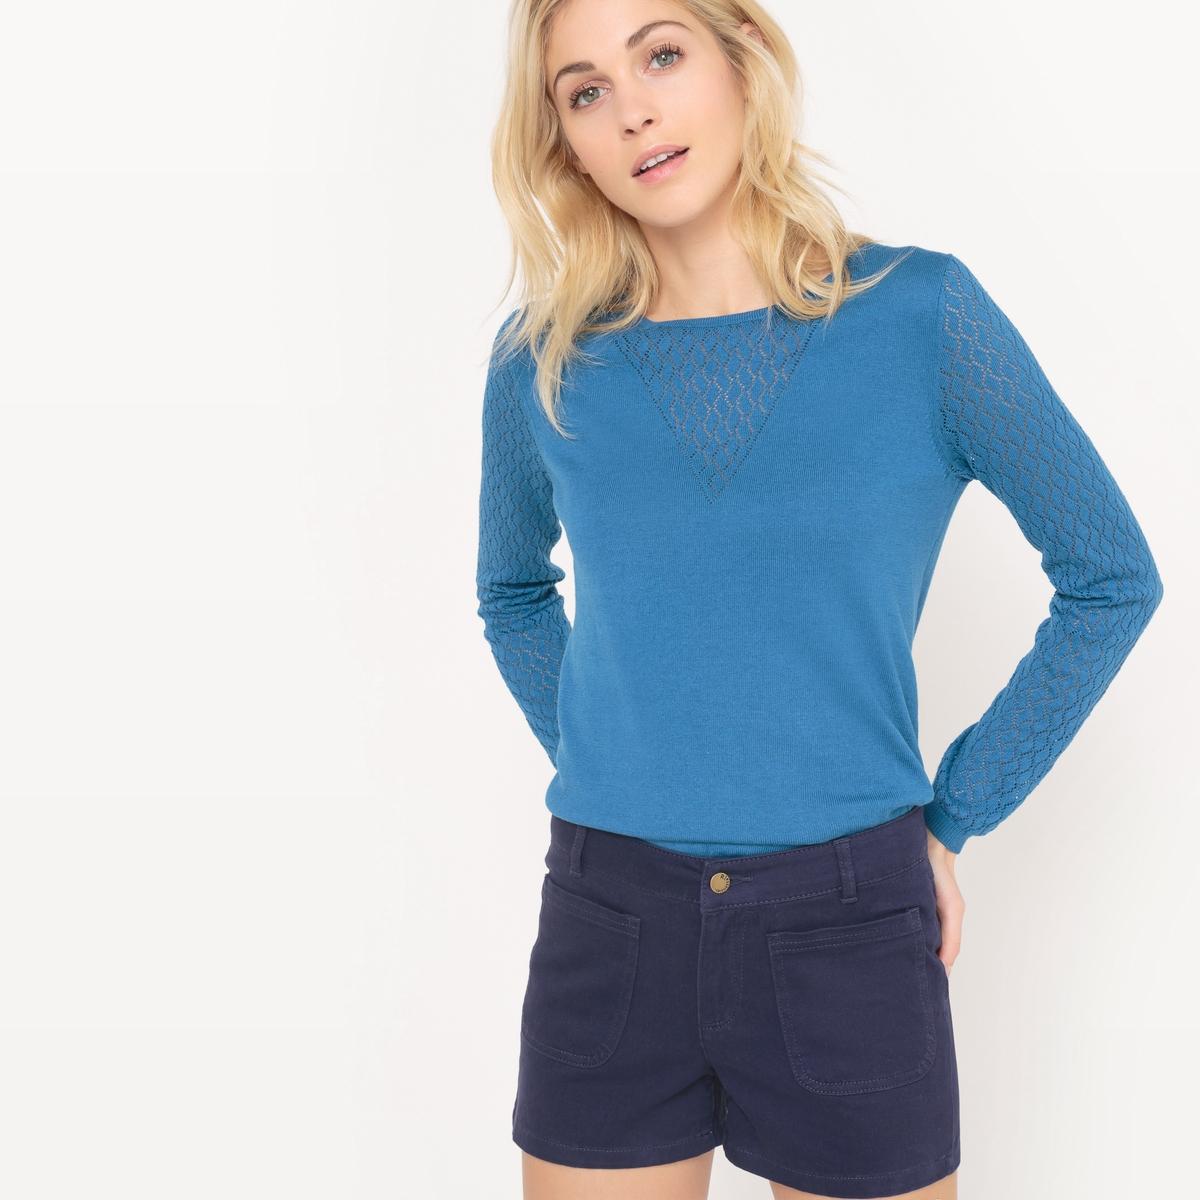 Пуловер с ажурным эффектом